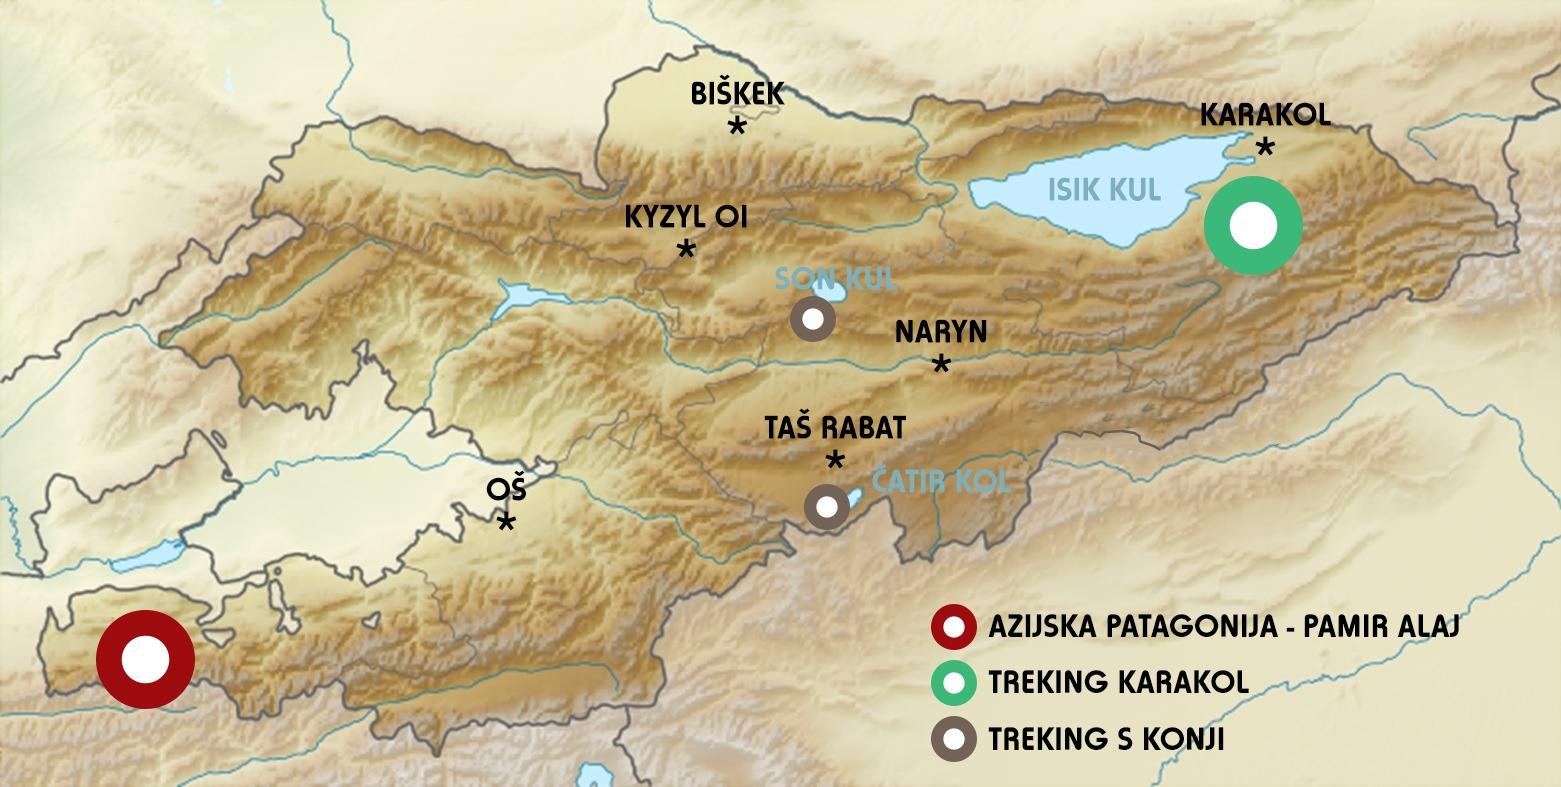 Kirgizija treking in potovanje